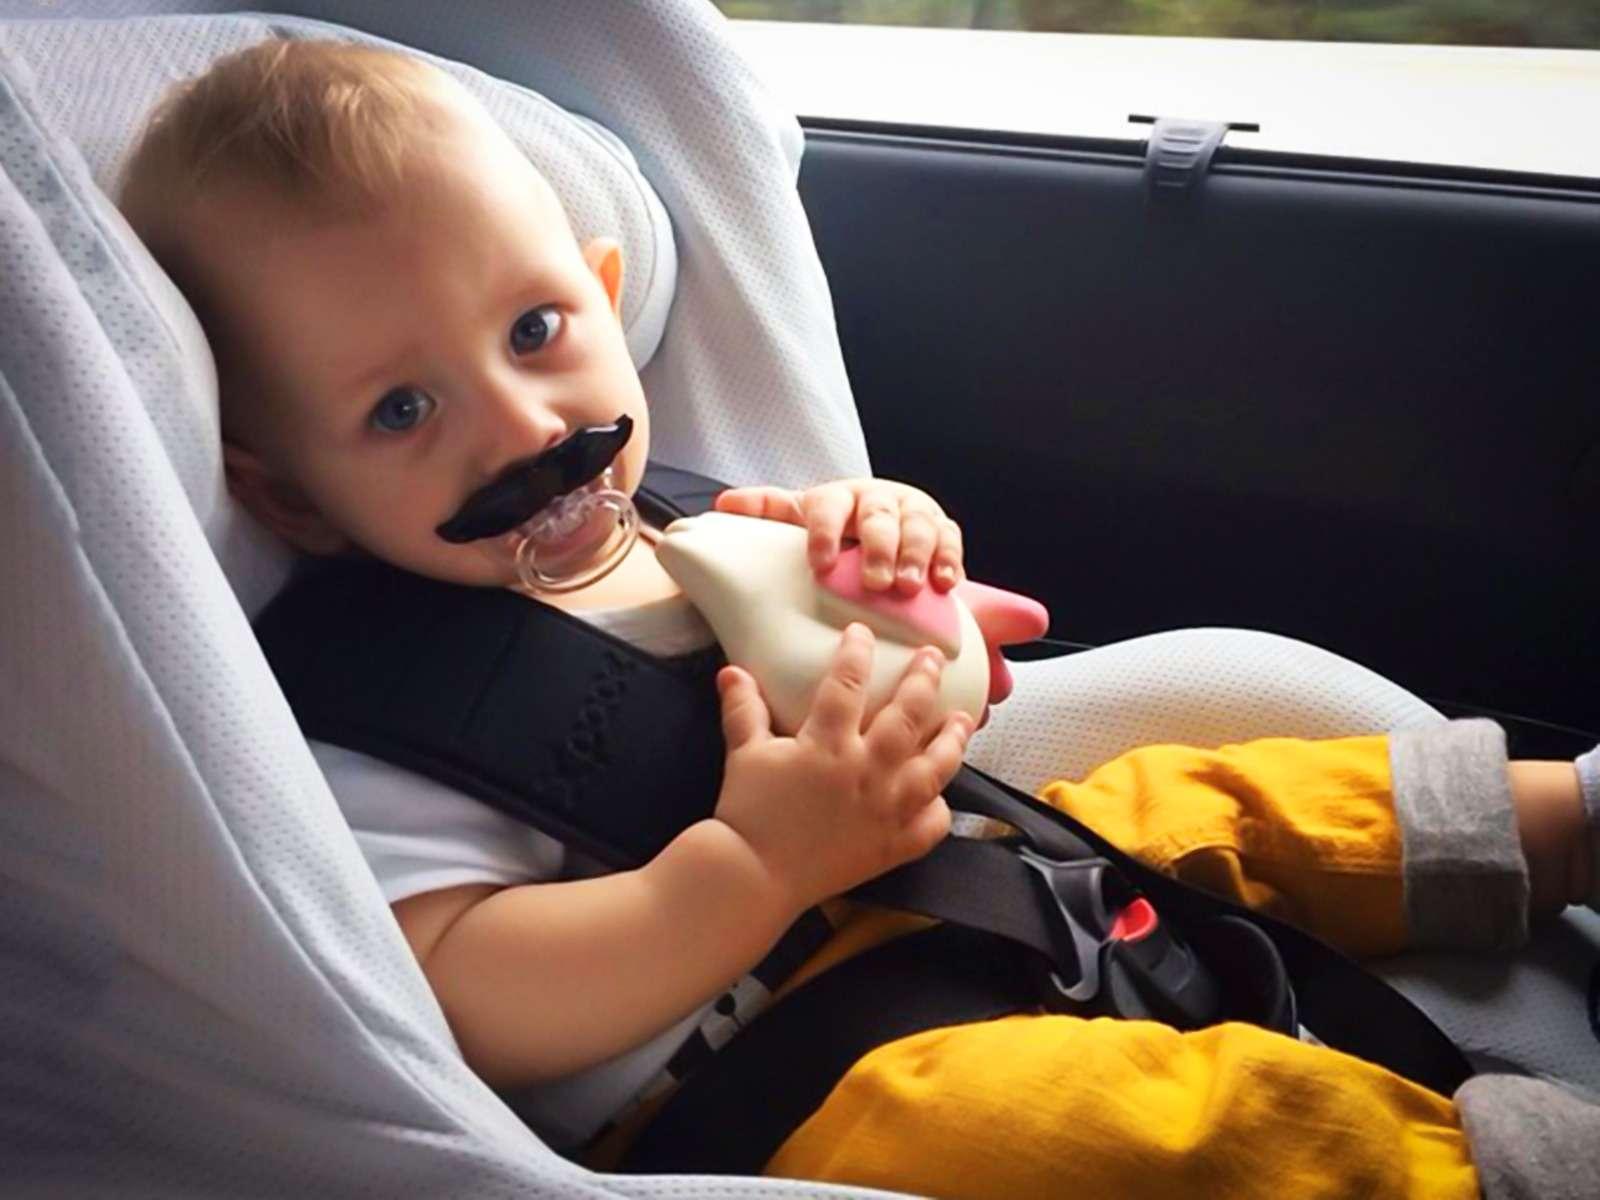 А высвоего ребенка возите вавтокресле? Точно? Опрос ЗР— фото 977442